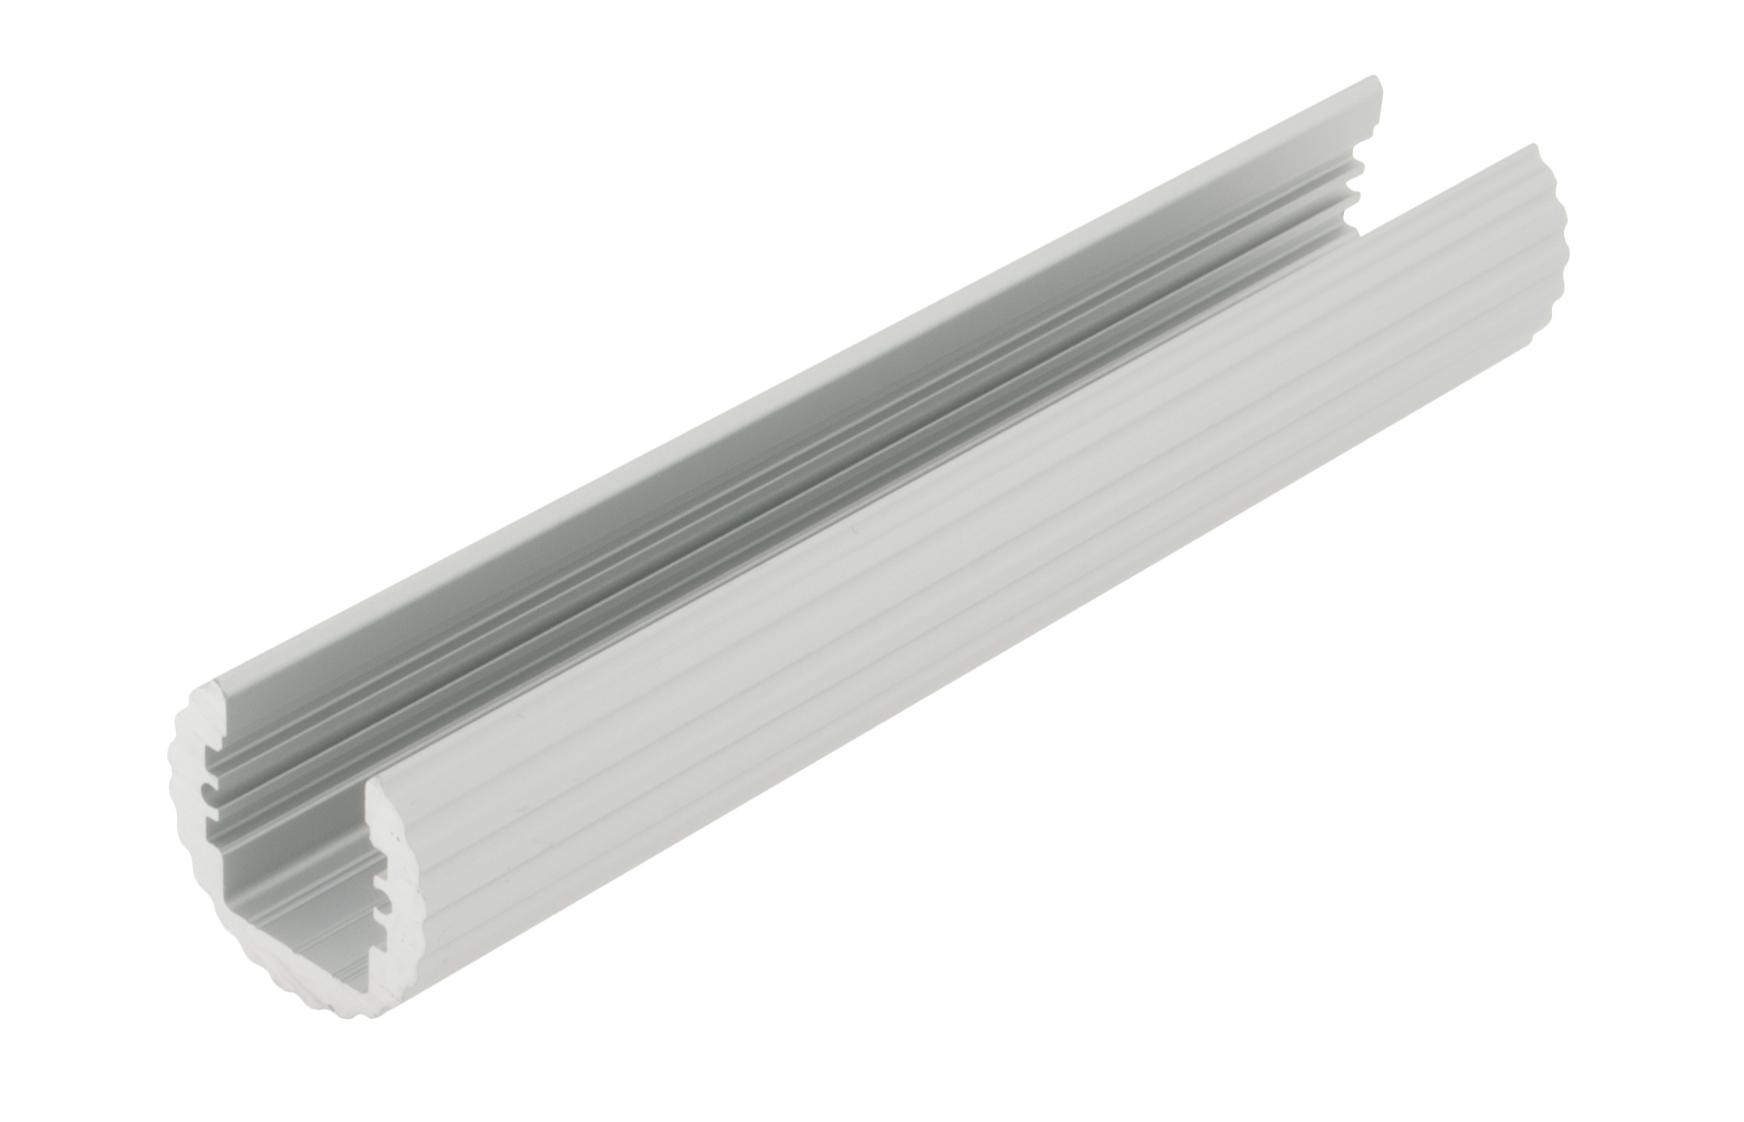 Aluminiumprofil LBS, L=2000mm,  Ø-29,9mm